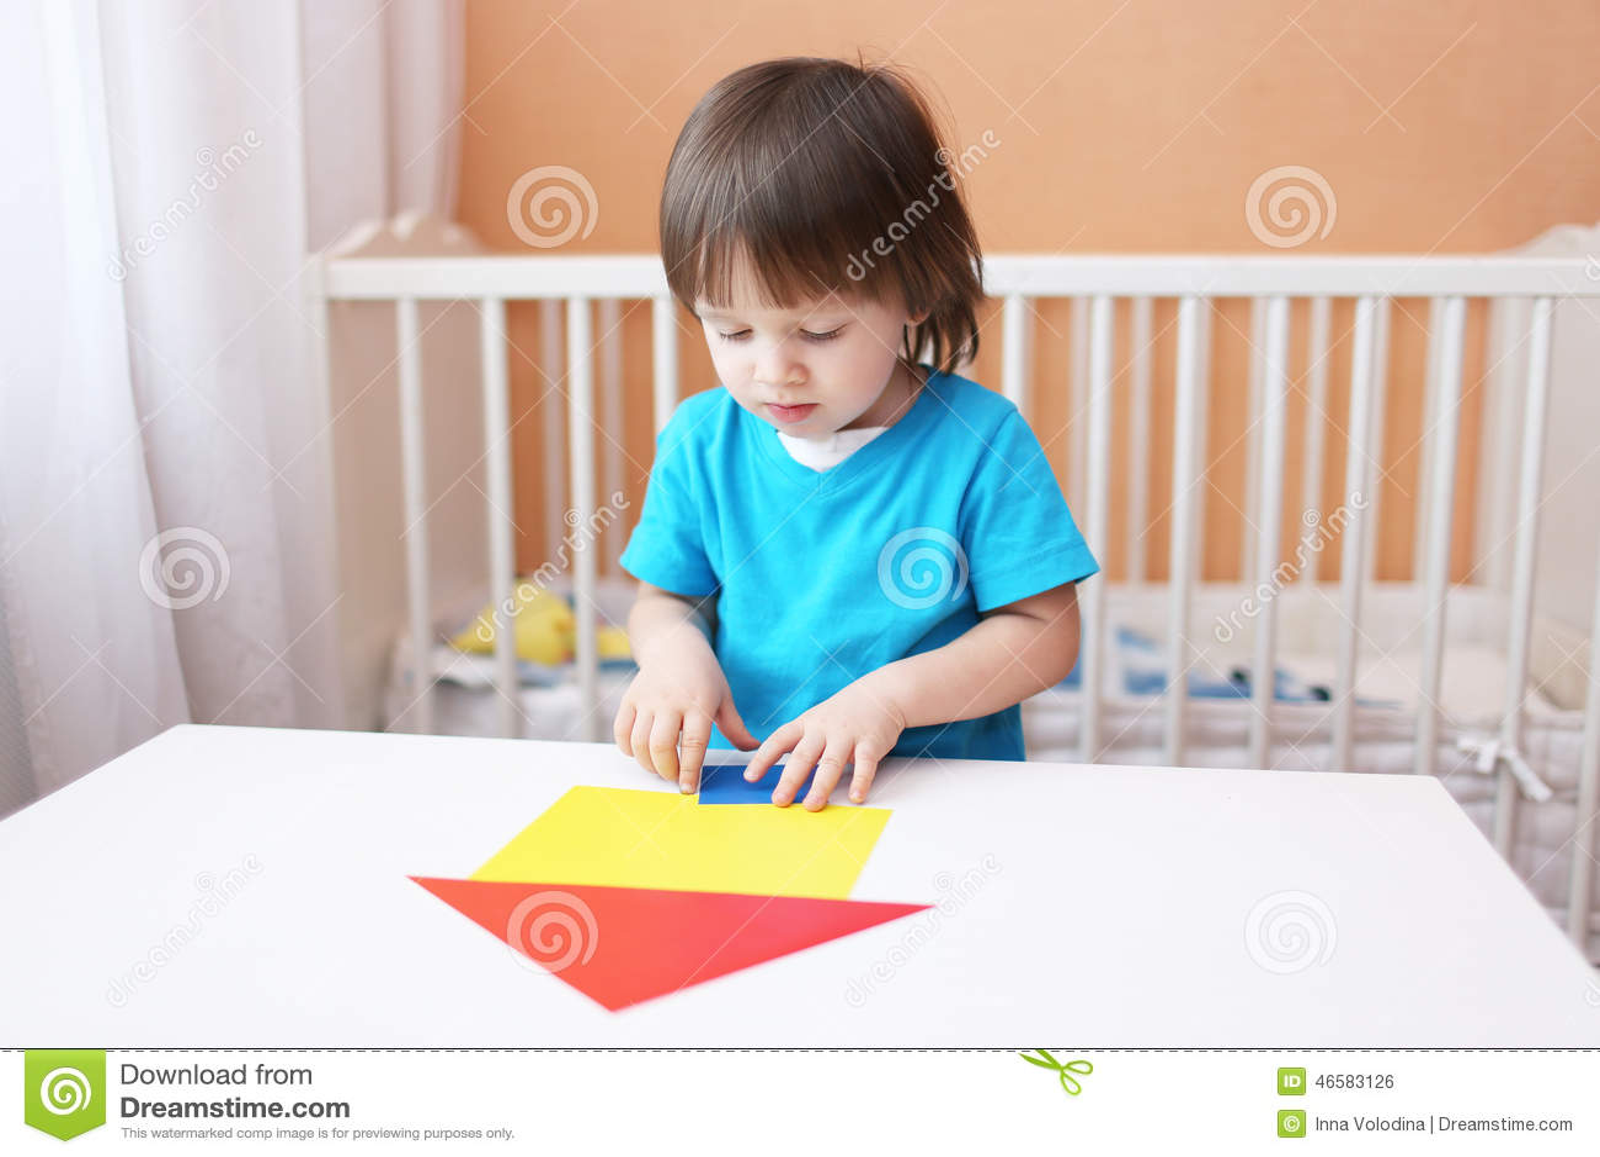 Ni o peque o que construye la casa de los detalles de - Foto nino pequeno ...